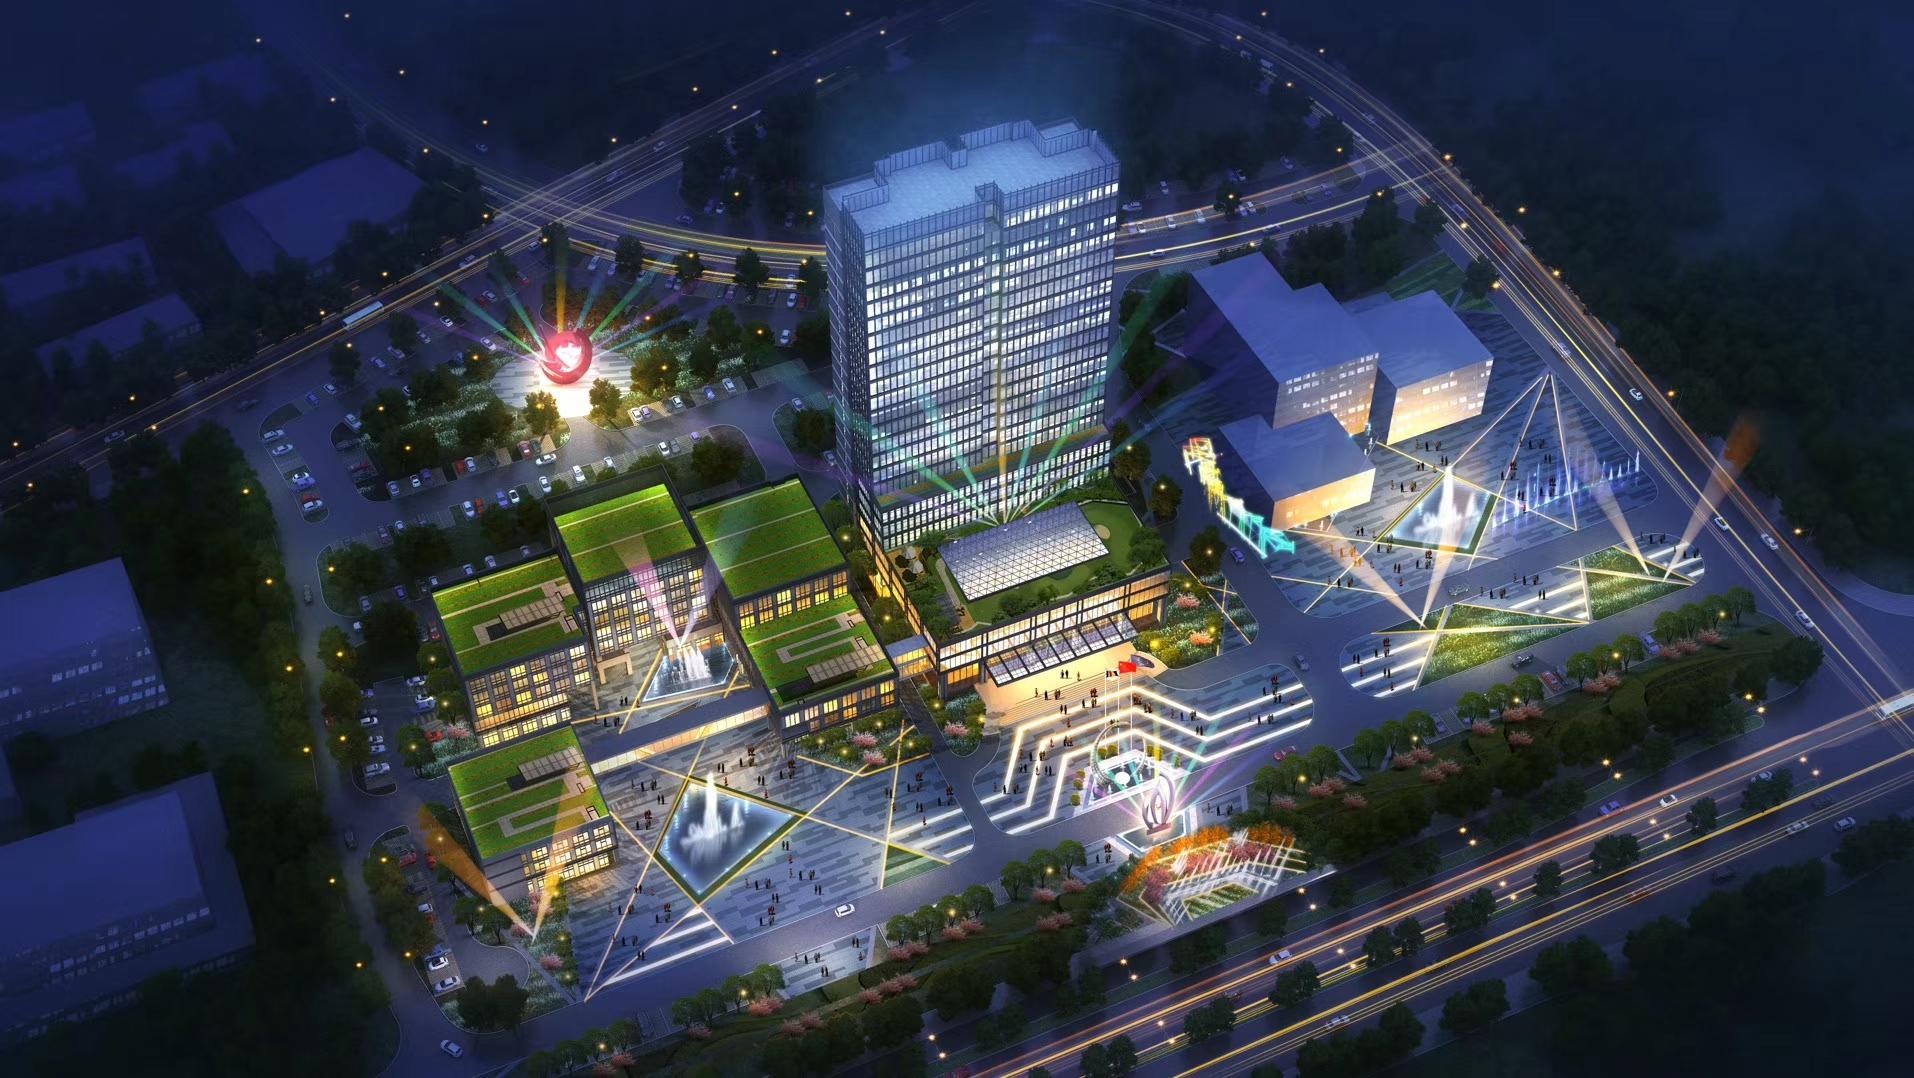 苏州市城市建筑设计院有限责任公司